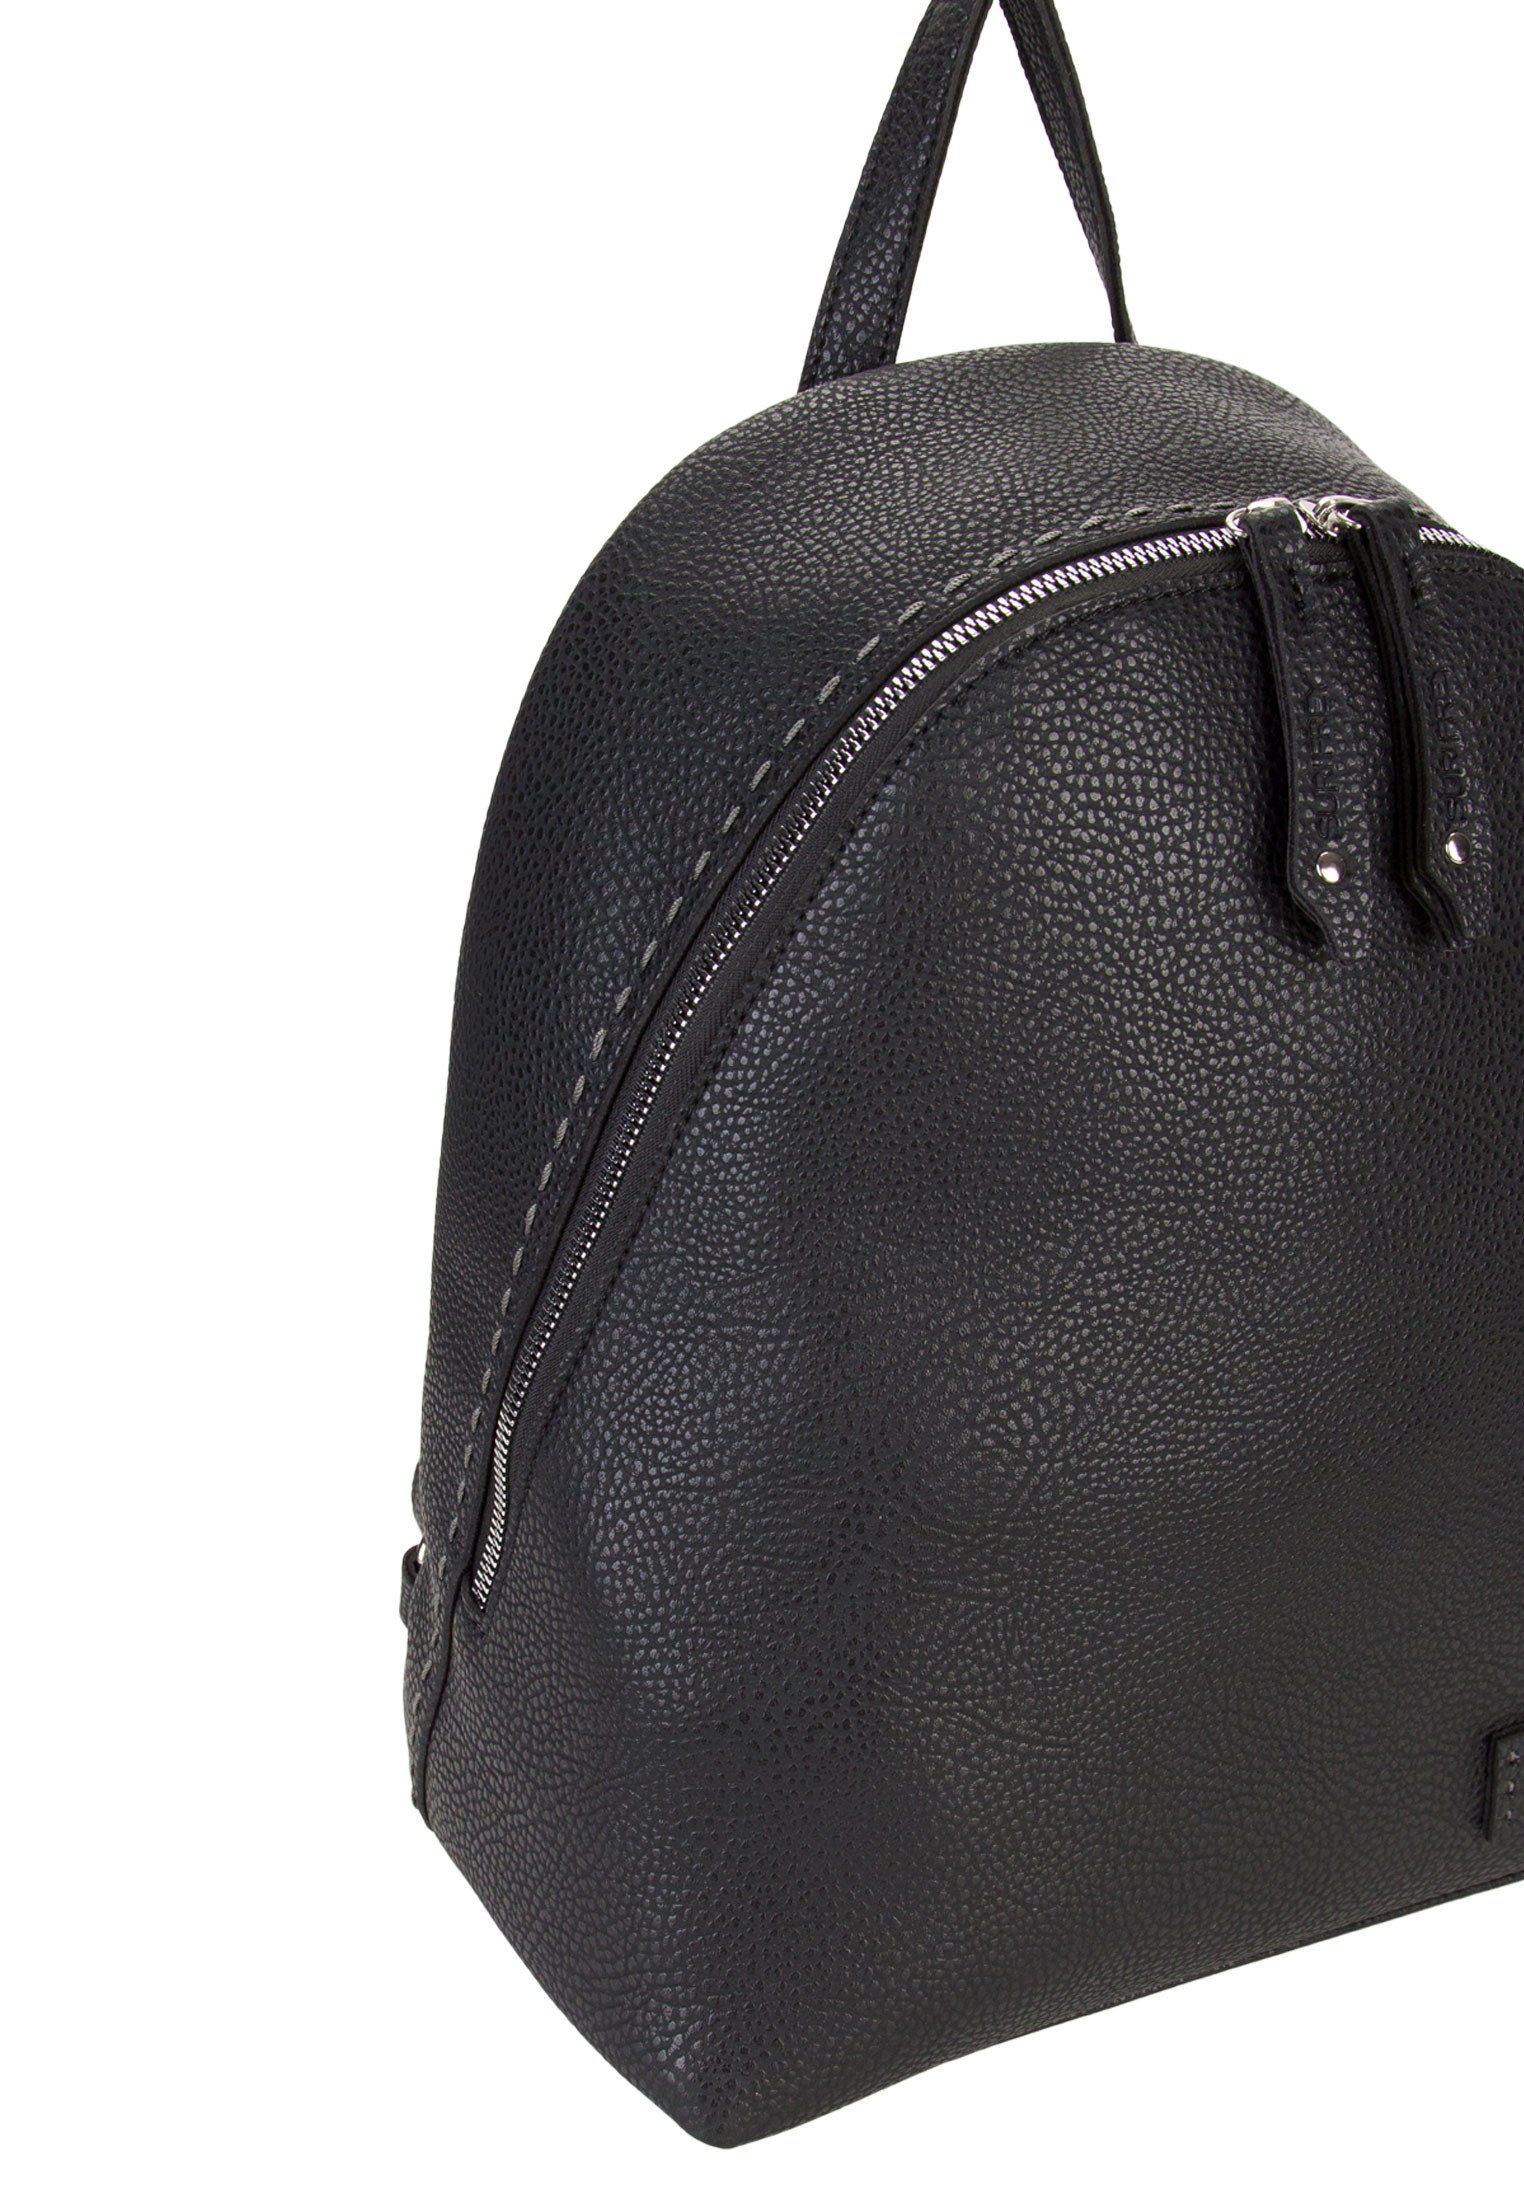 SURI FREY Rucksack Penny in black günstig kaufen